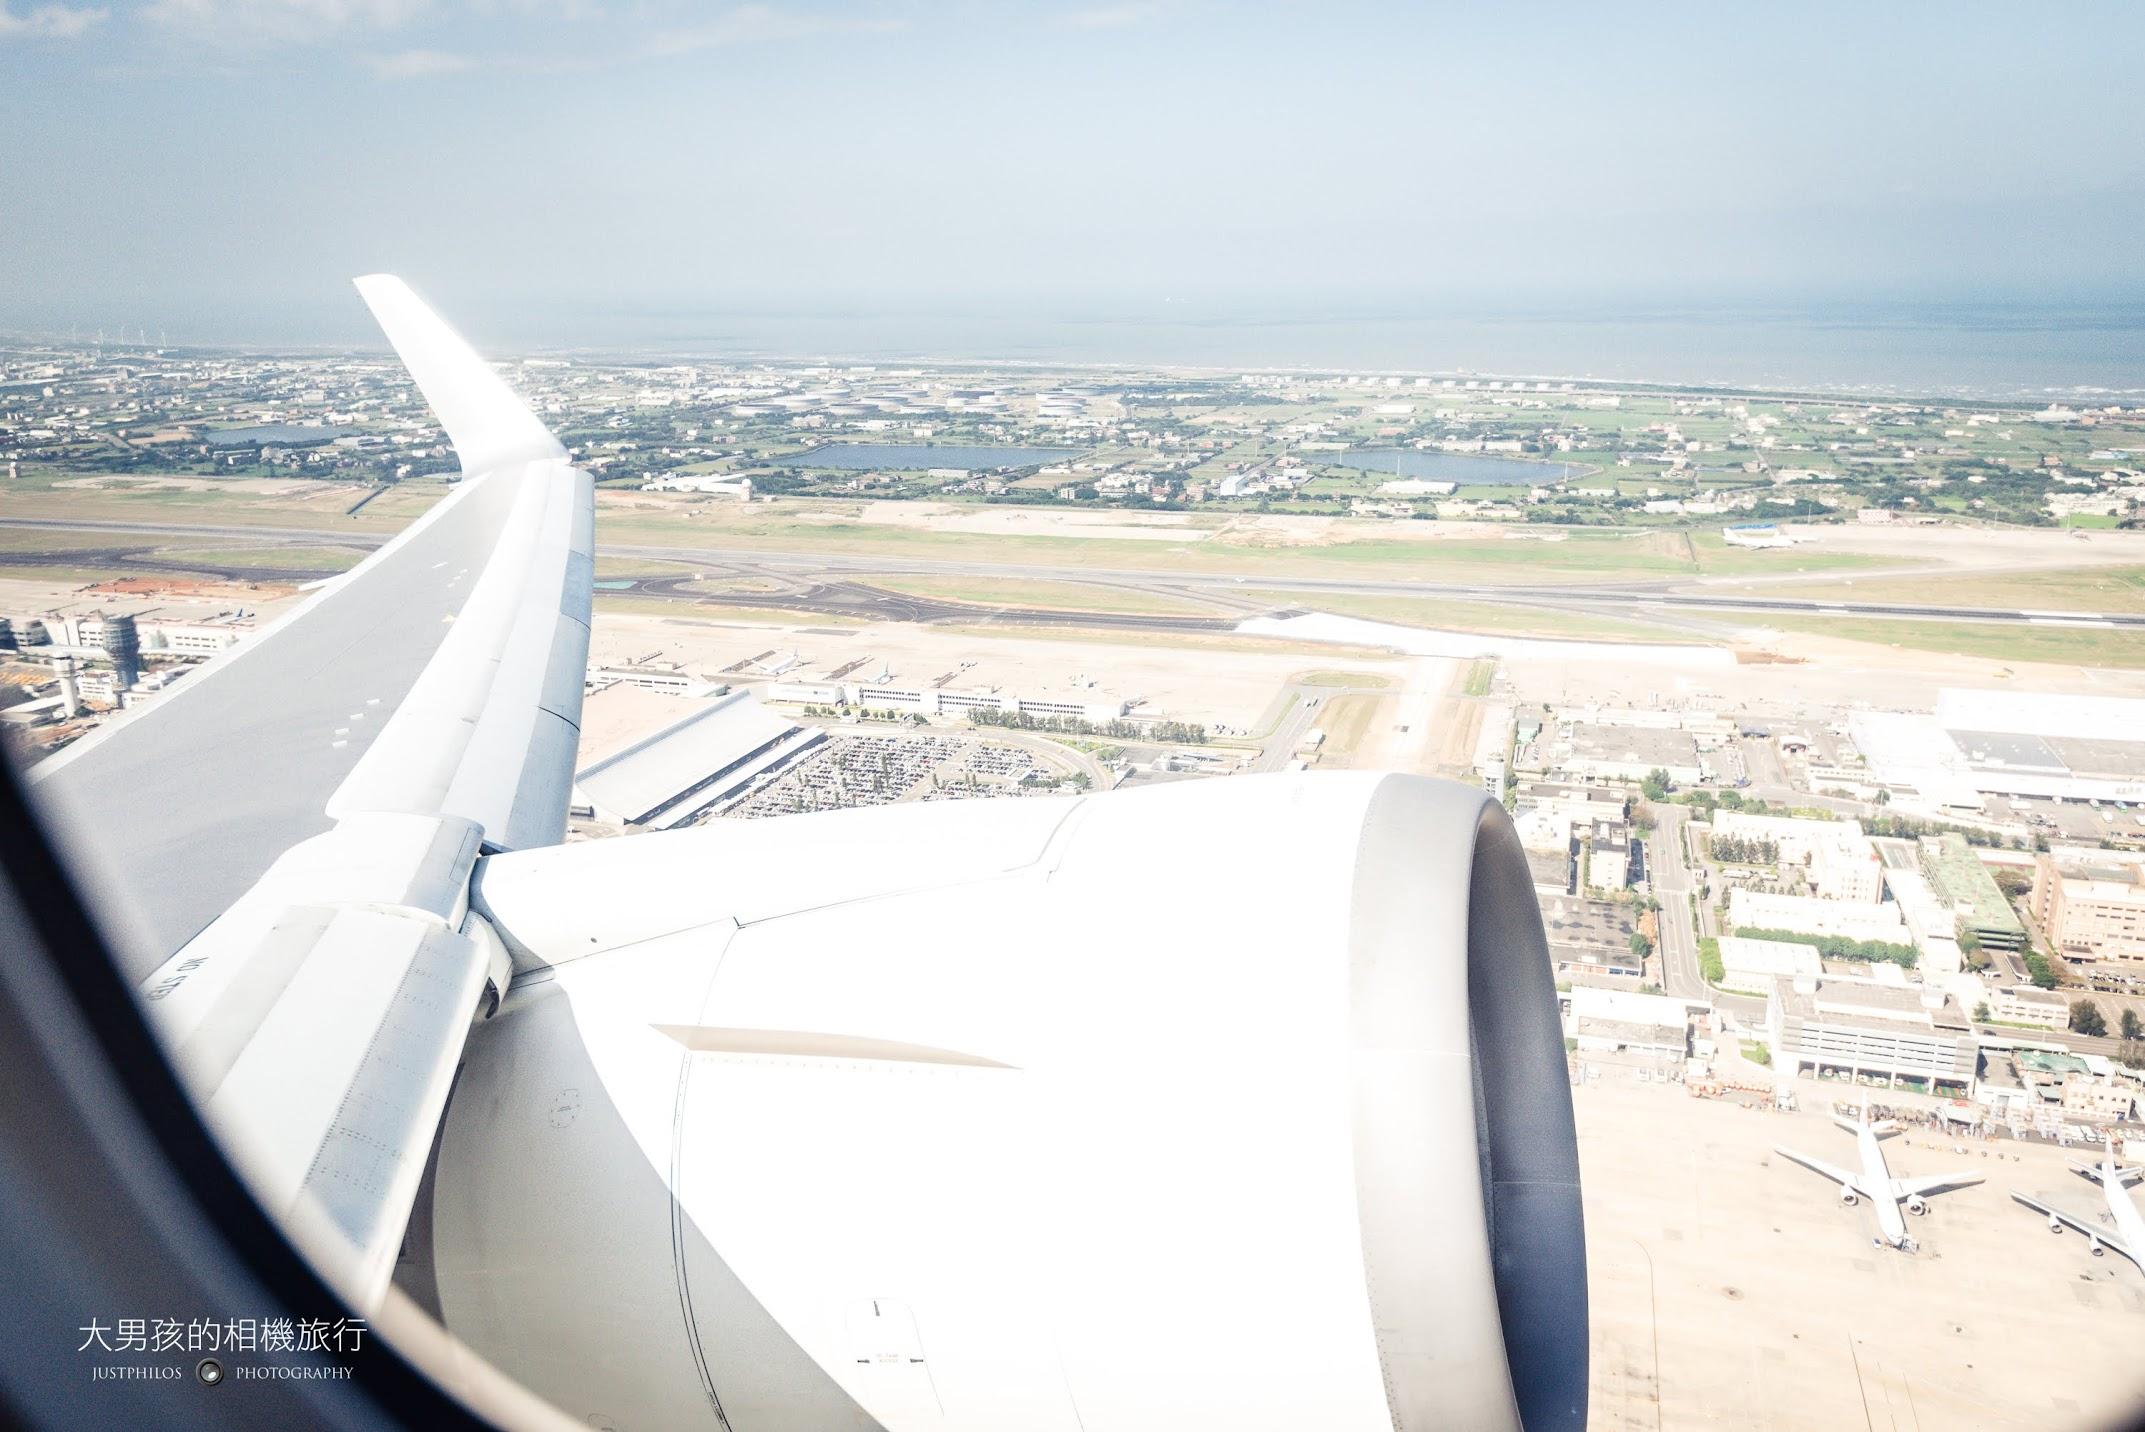 這次搭乘的日航爬升非常的快,不一會兒桃園機場就遠遠的拋在遠方。